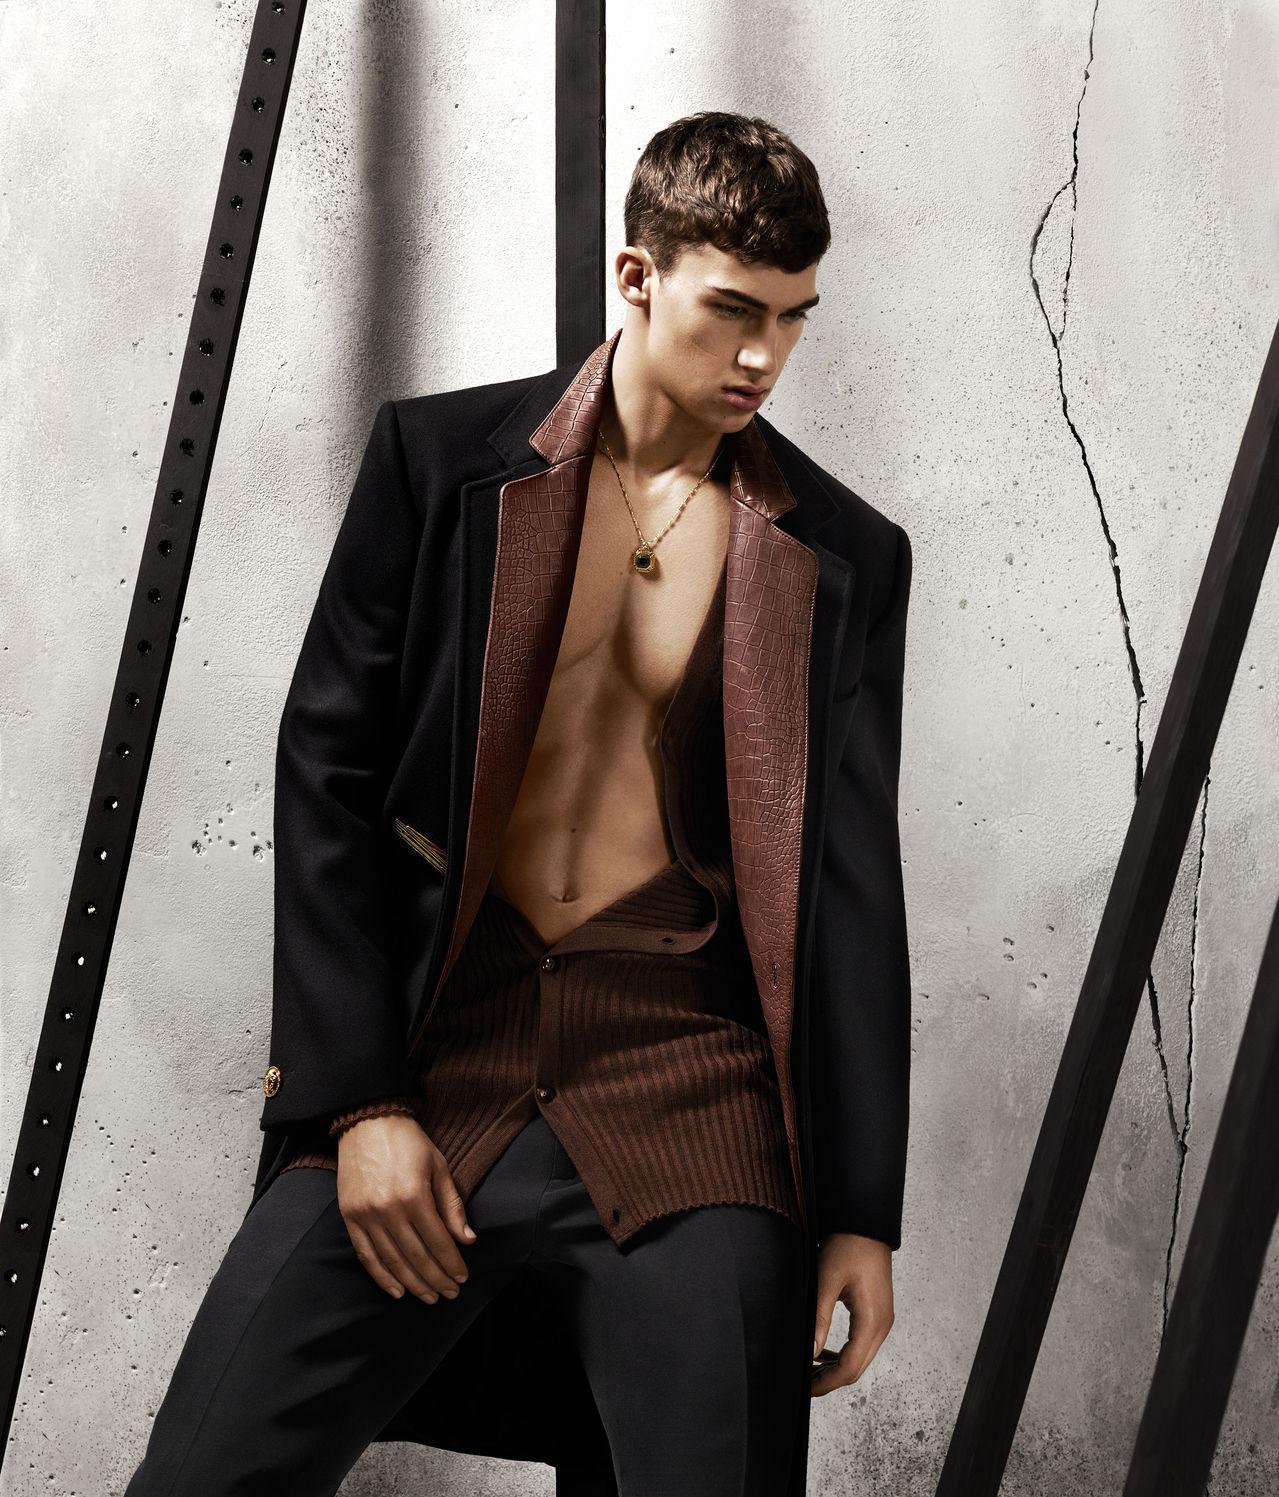 Alessio Pozzi for Versace